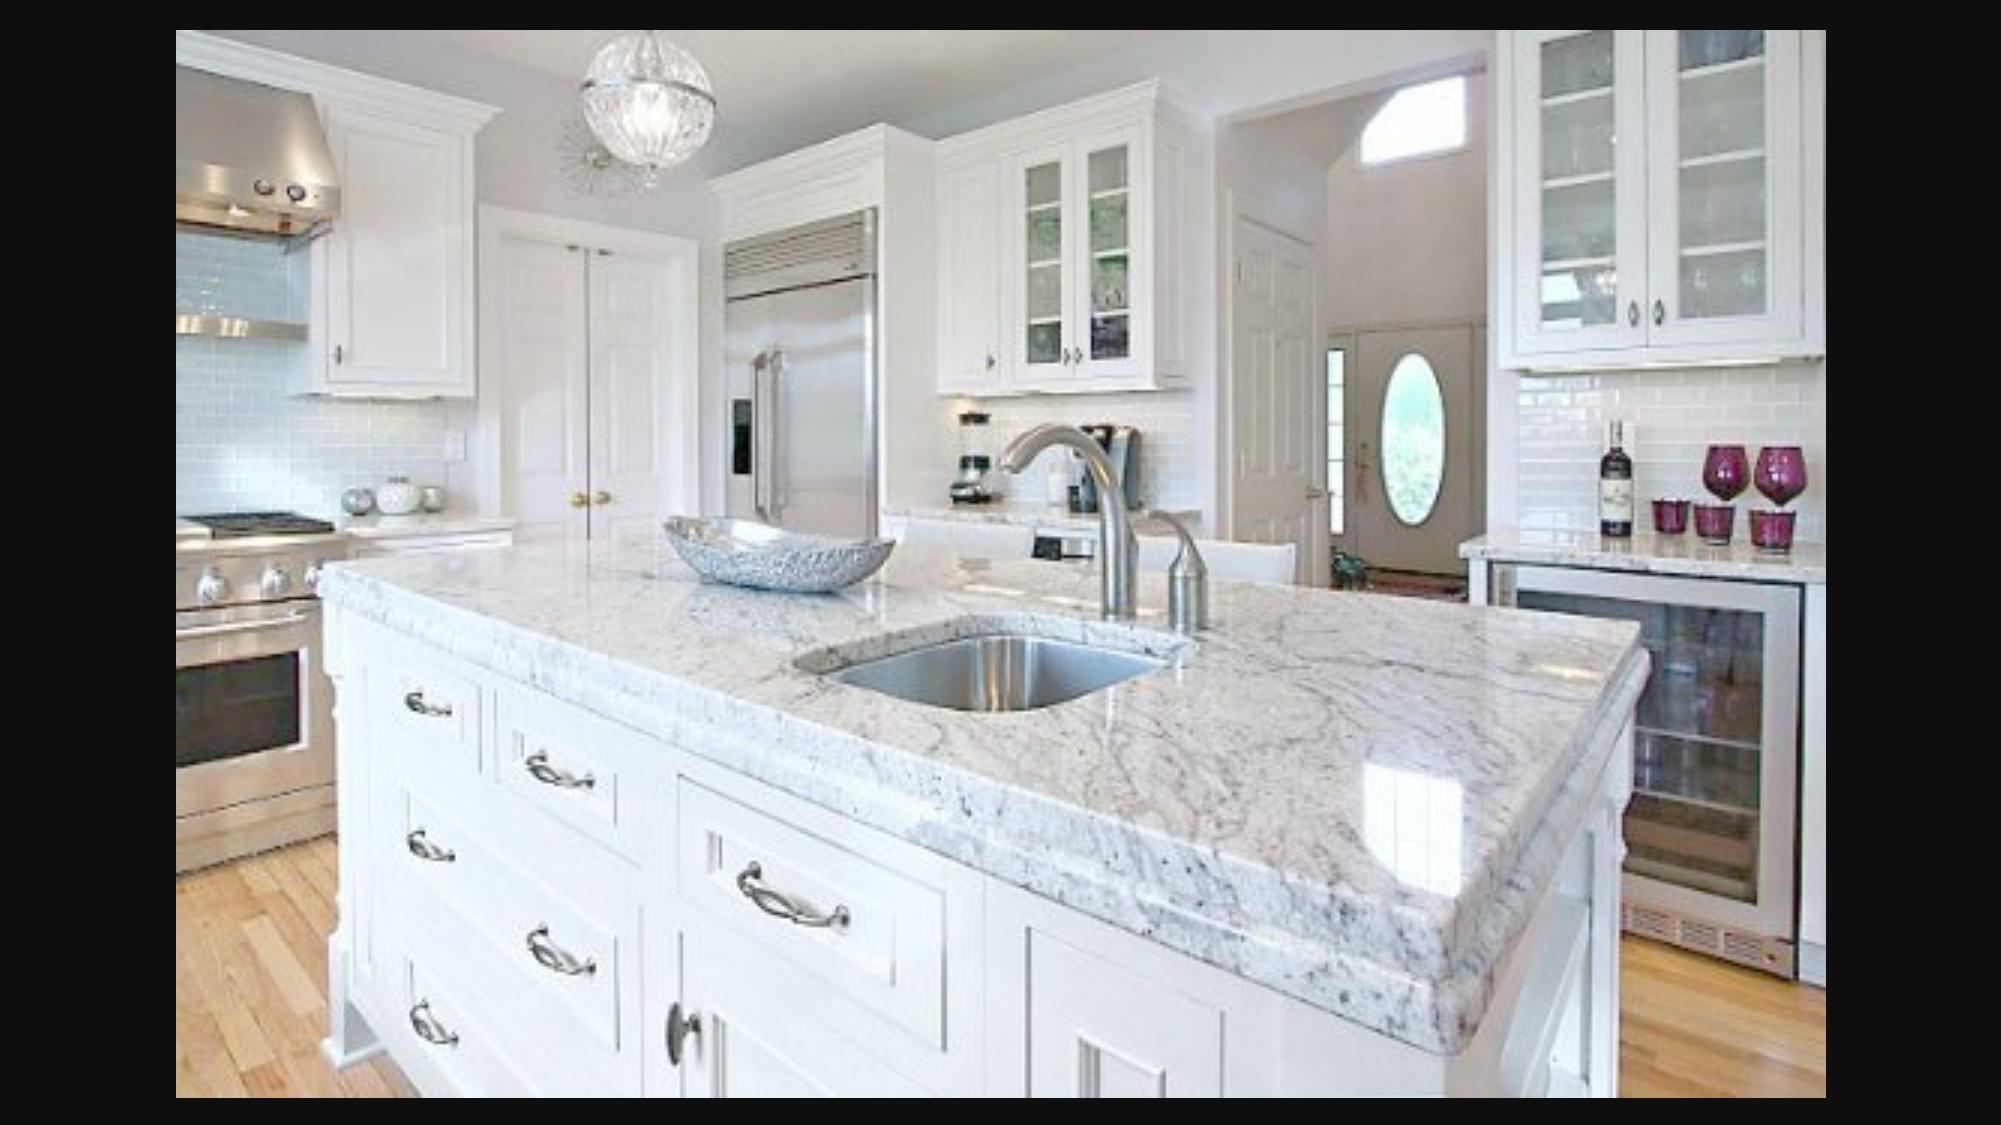 Bianco Romano Granite Bancadas De Granito Branco Home Cozinha Granito